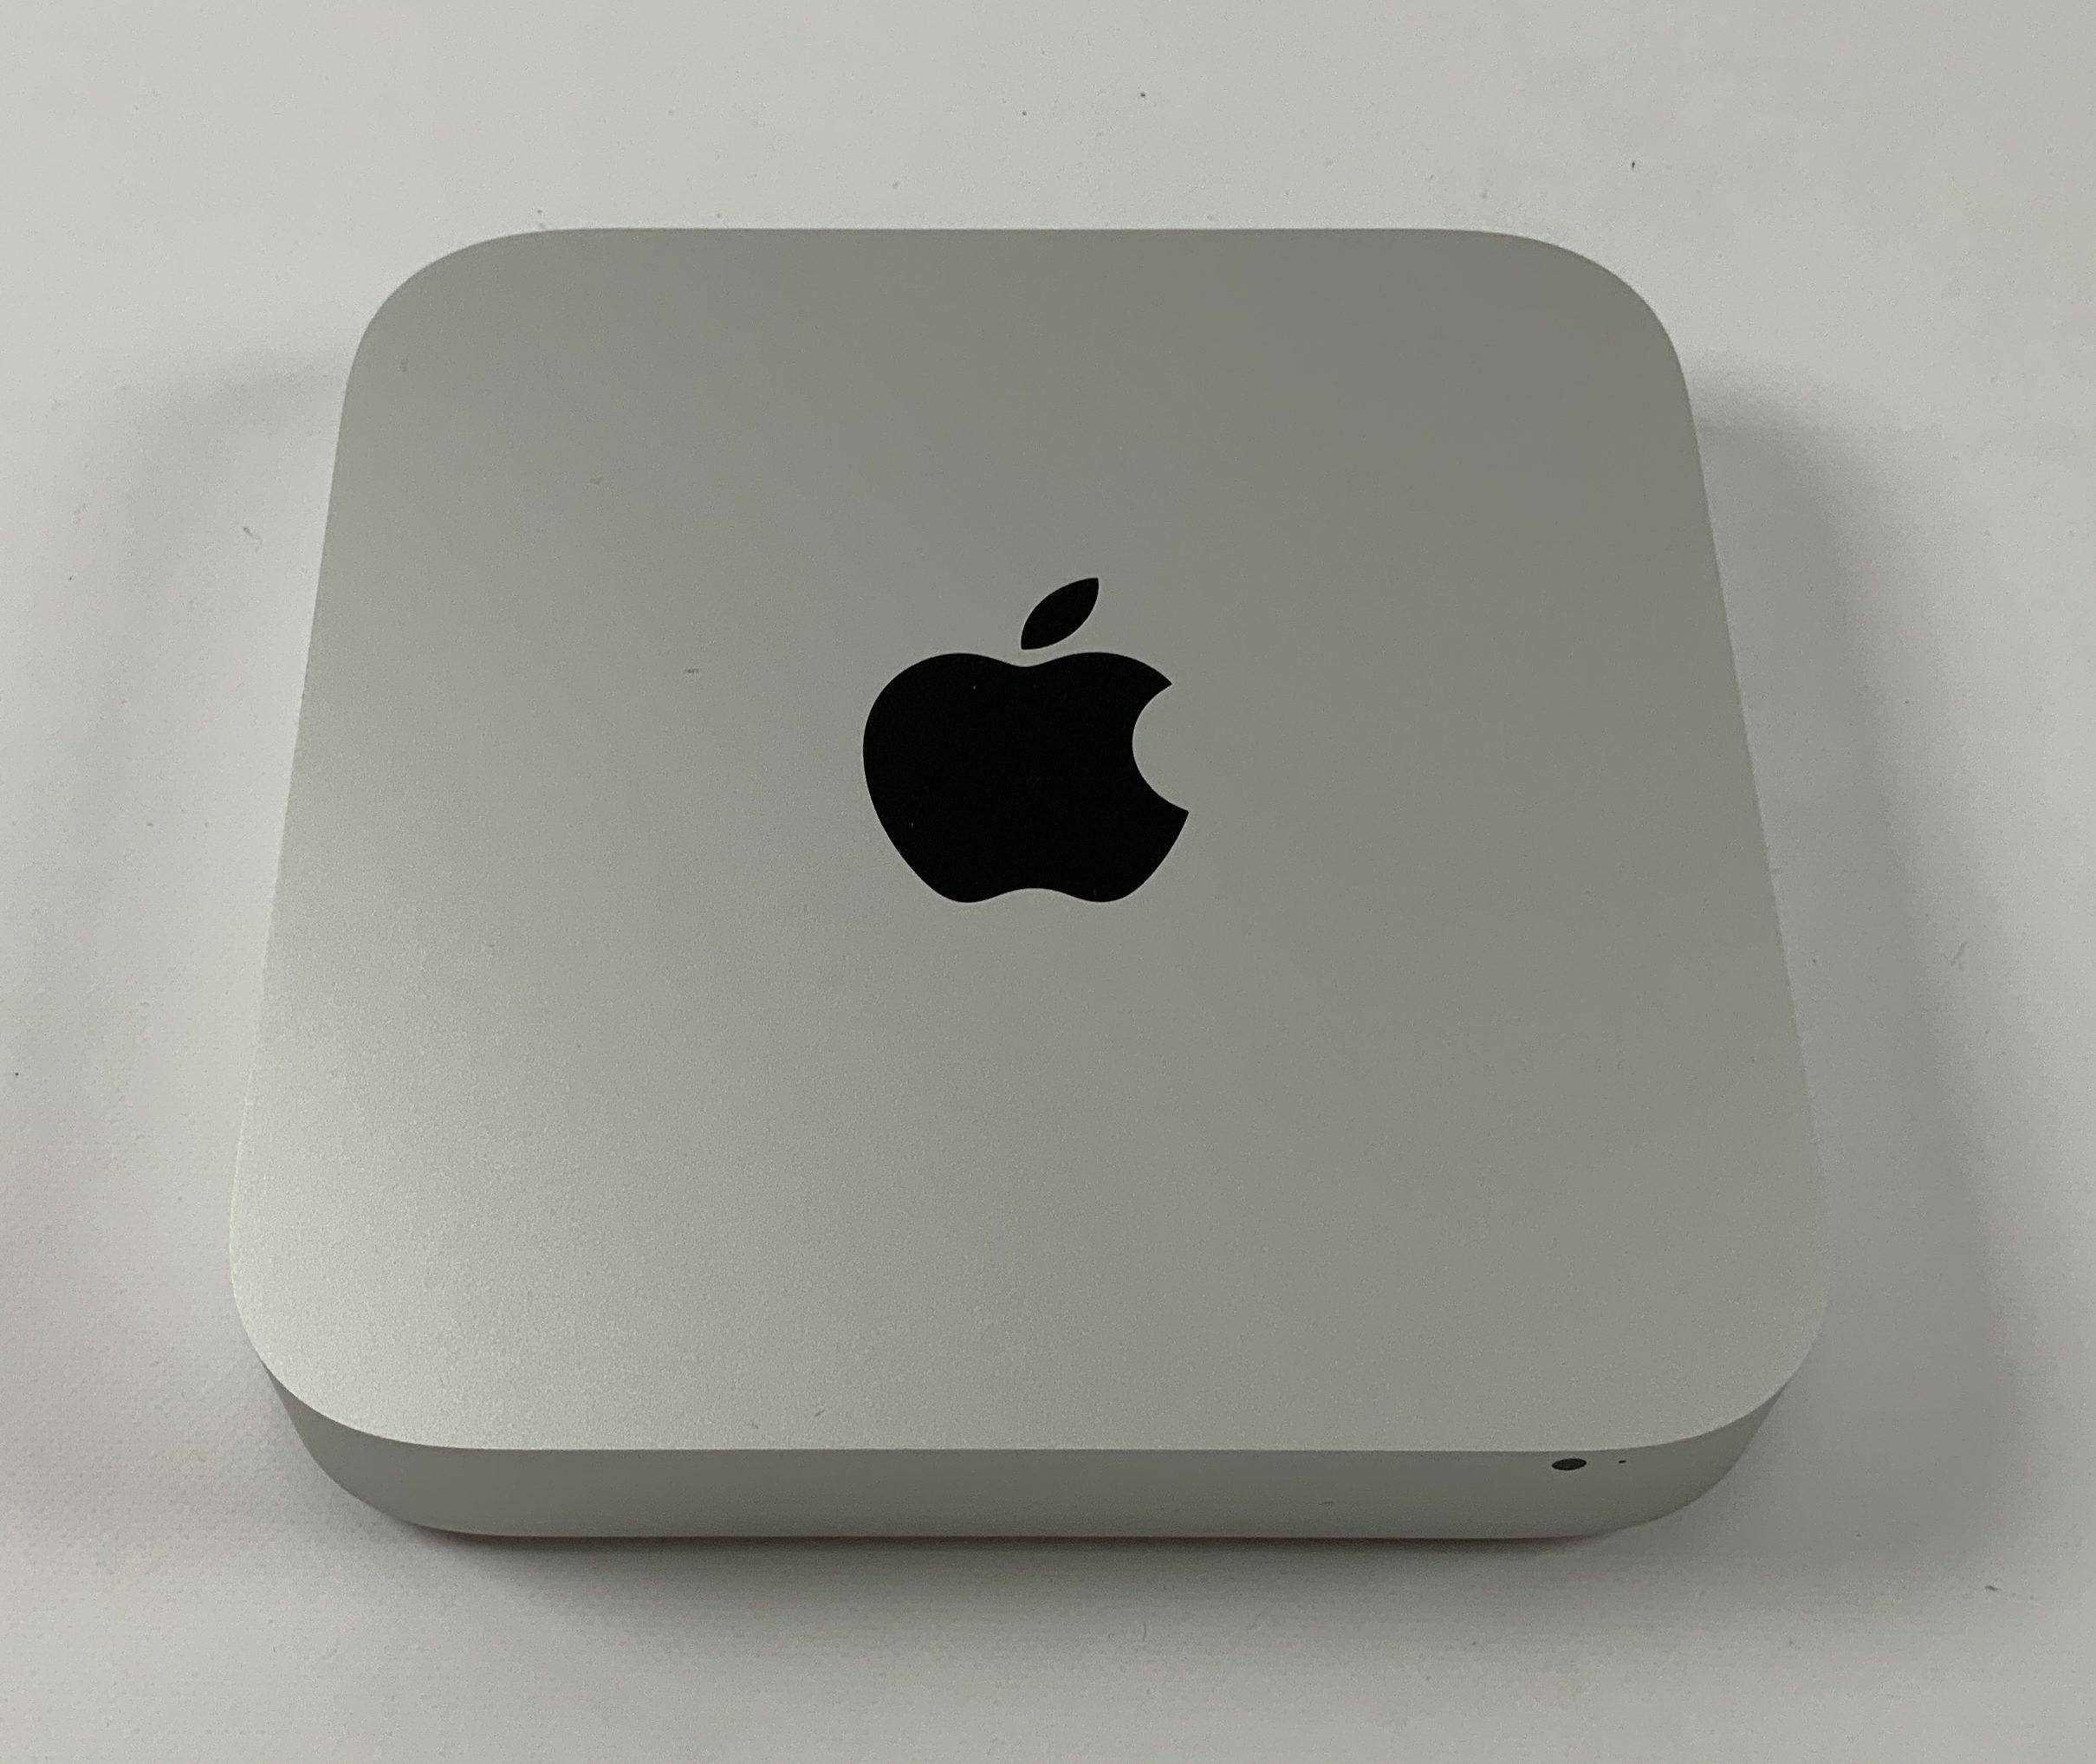 Mac Mini Late 2014 (Intel Core i7 3.0 GHz 16 GB RAM 512 GB SSD), Intel Core i7 3.0 GHz, 16 GB RAM, 512 GB SSD, image 1